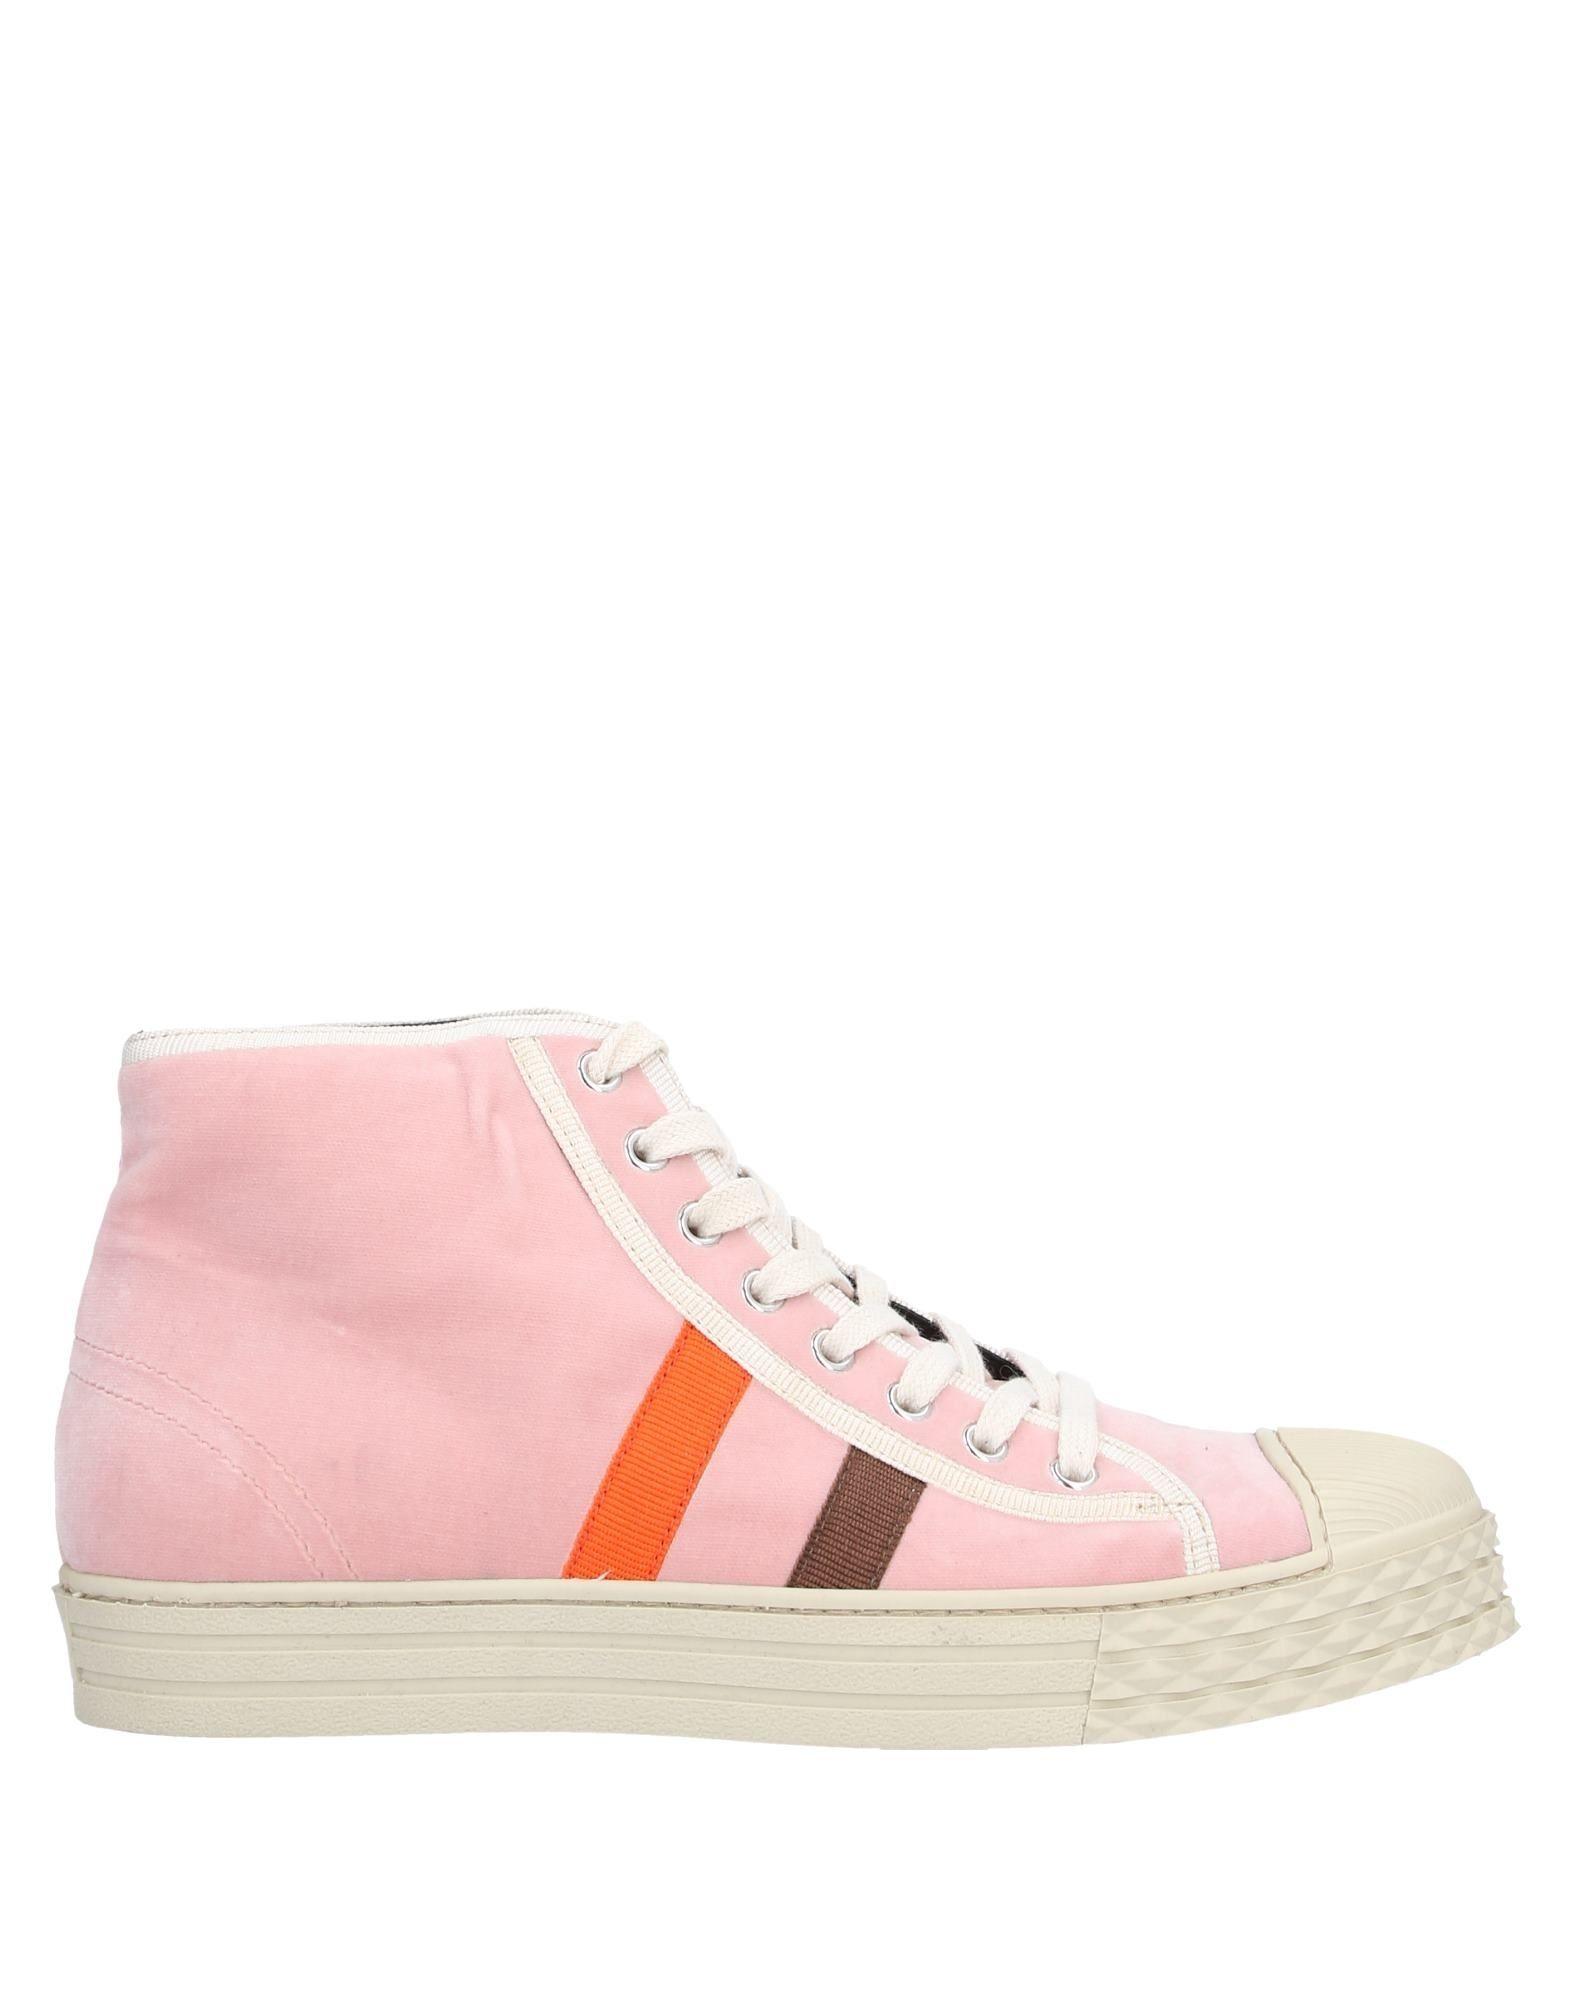 купить кроссовки женские в интернет магазине со скидкой